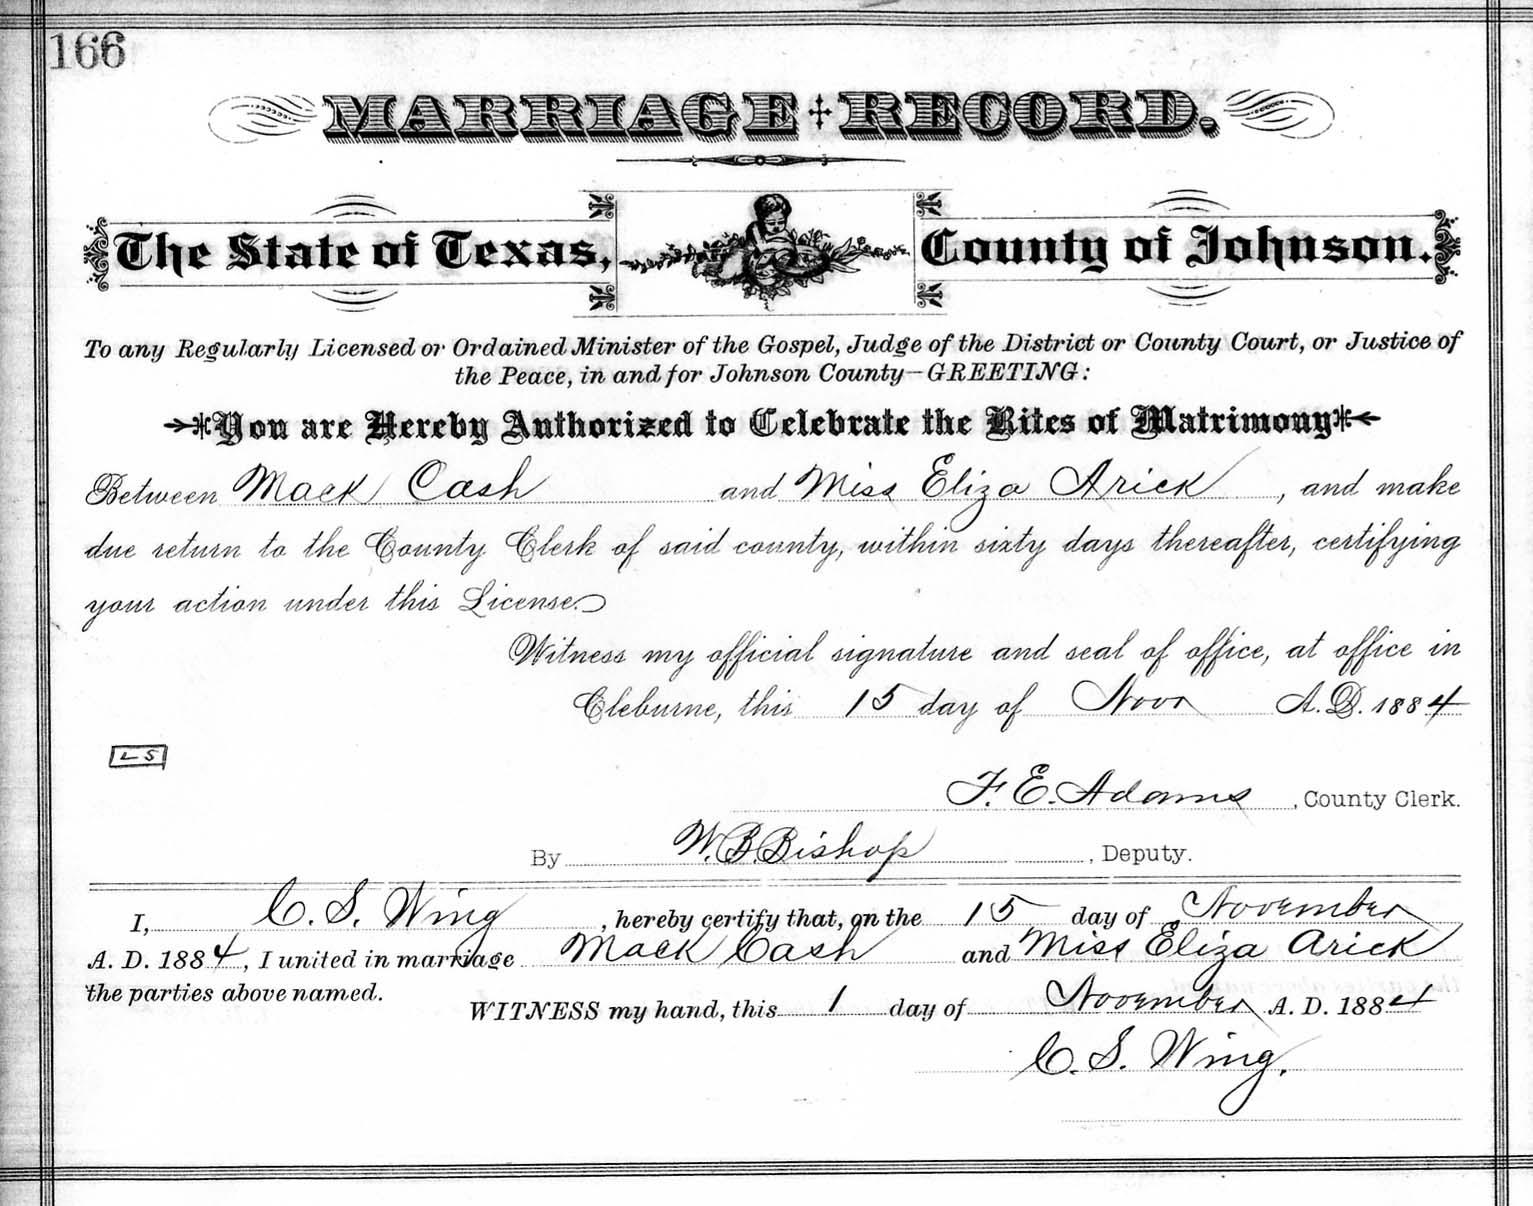 Arrickorrick genealogy master index mack cash and elizabeth violet arrick marriage certificate 1betcityfo Images